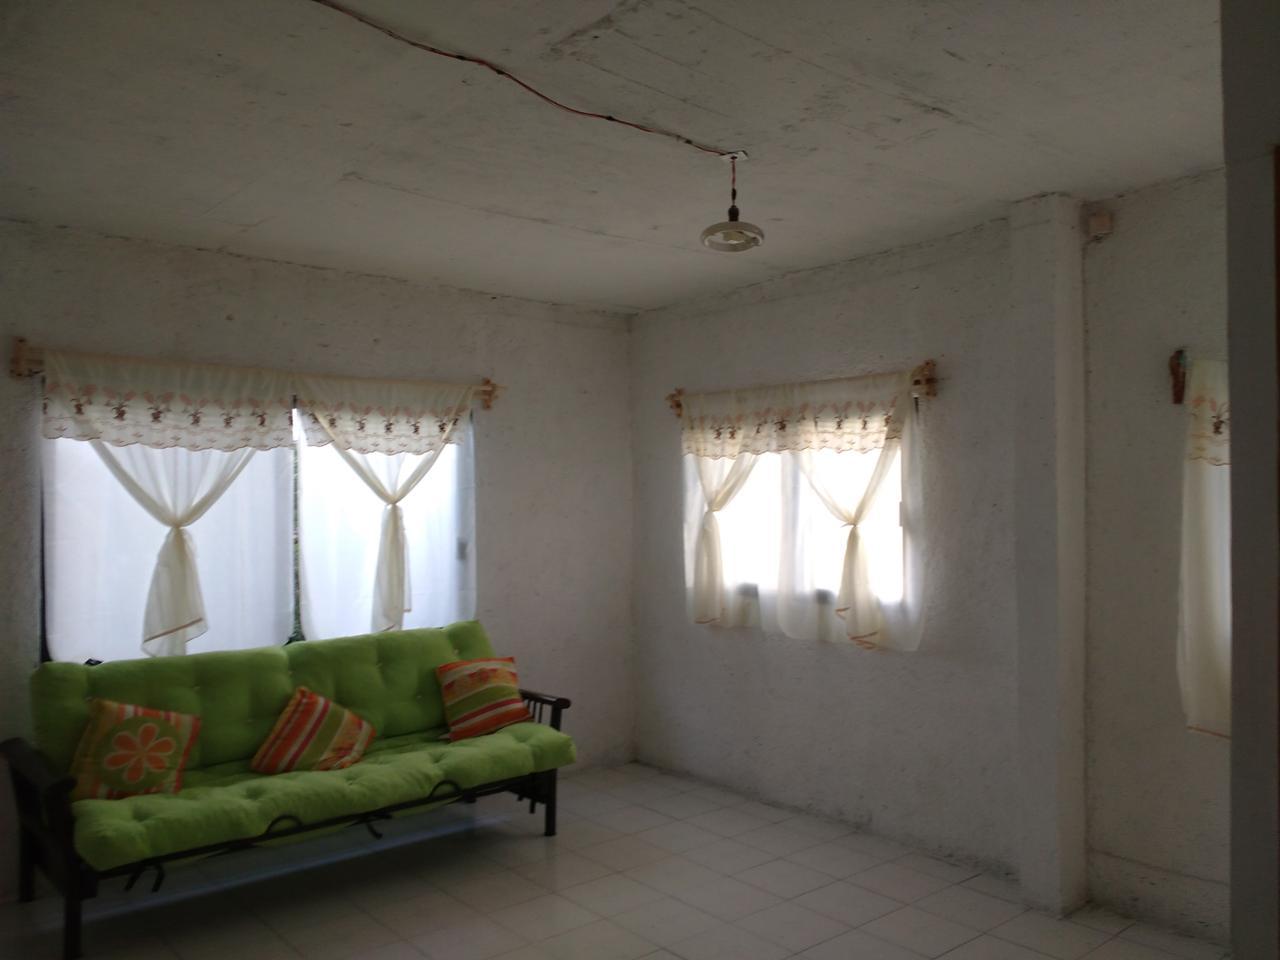 Departamento en Renta Temixco, Morelos